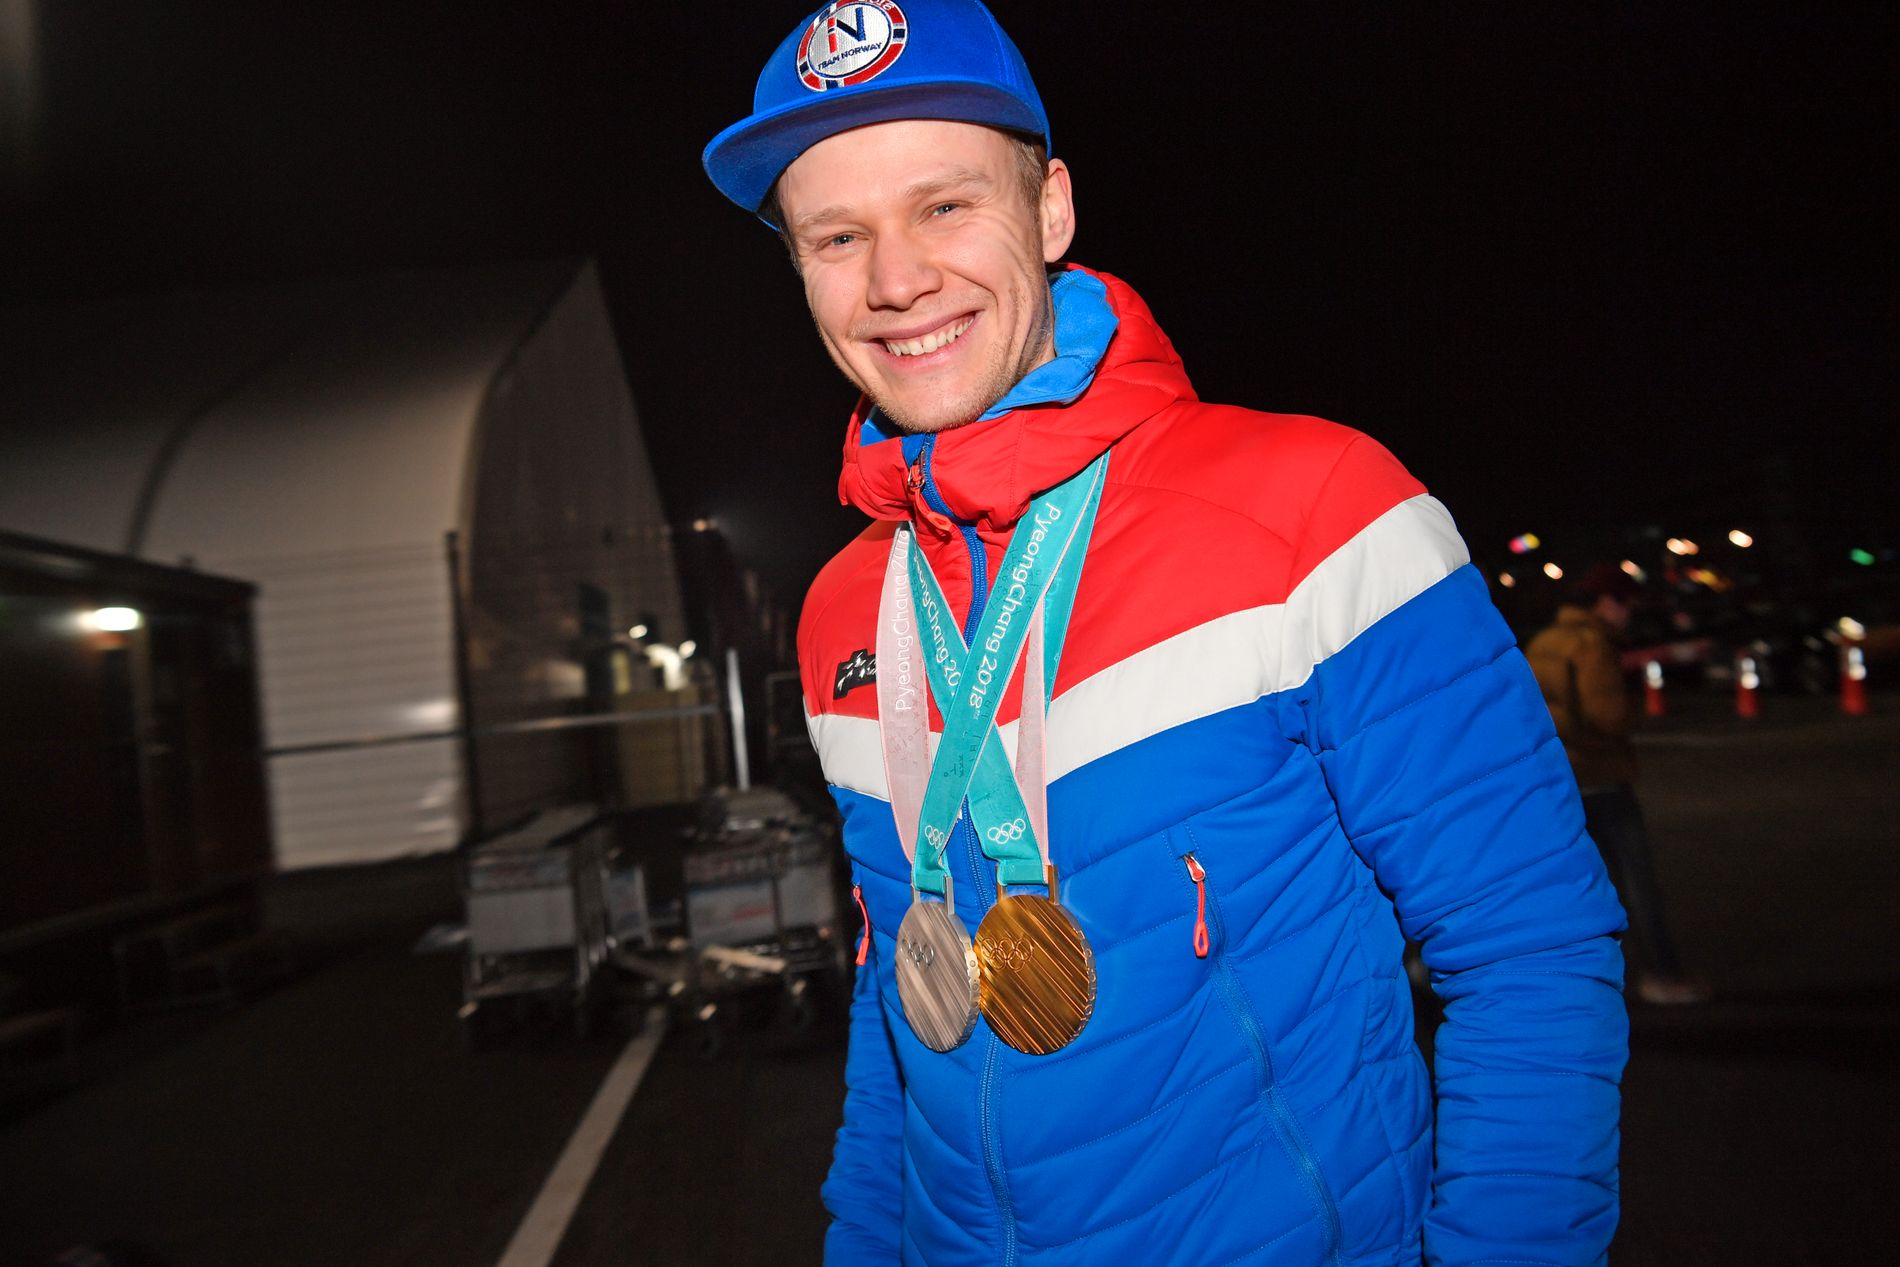 DOBBELT SEIERSSJANSE: Håvard Lorentzen (26) er igjen god nok til å vinne 500 og 1000-meterne i den tredje verdenscupen i polske Tomaszów Mazowiecki fredag til søndag.